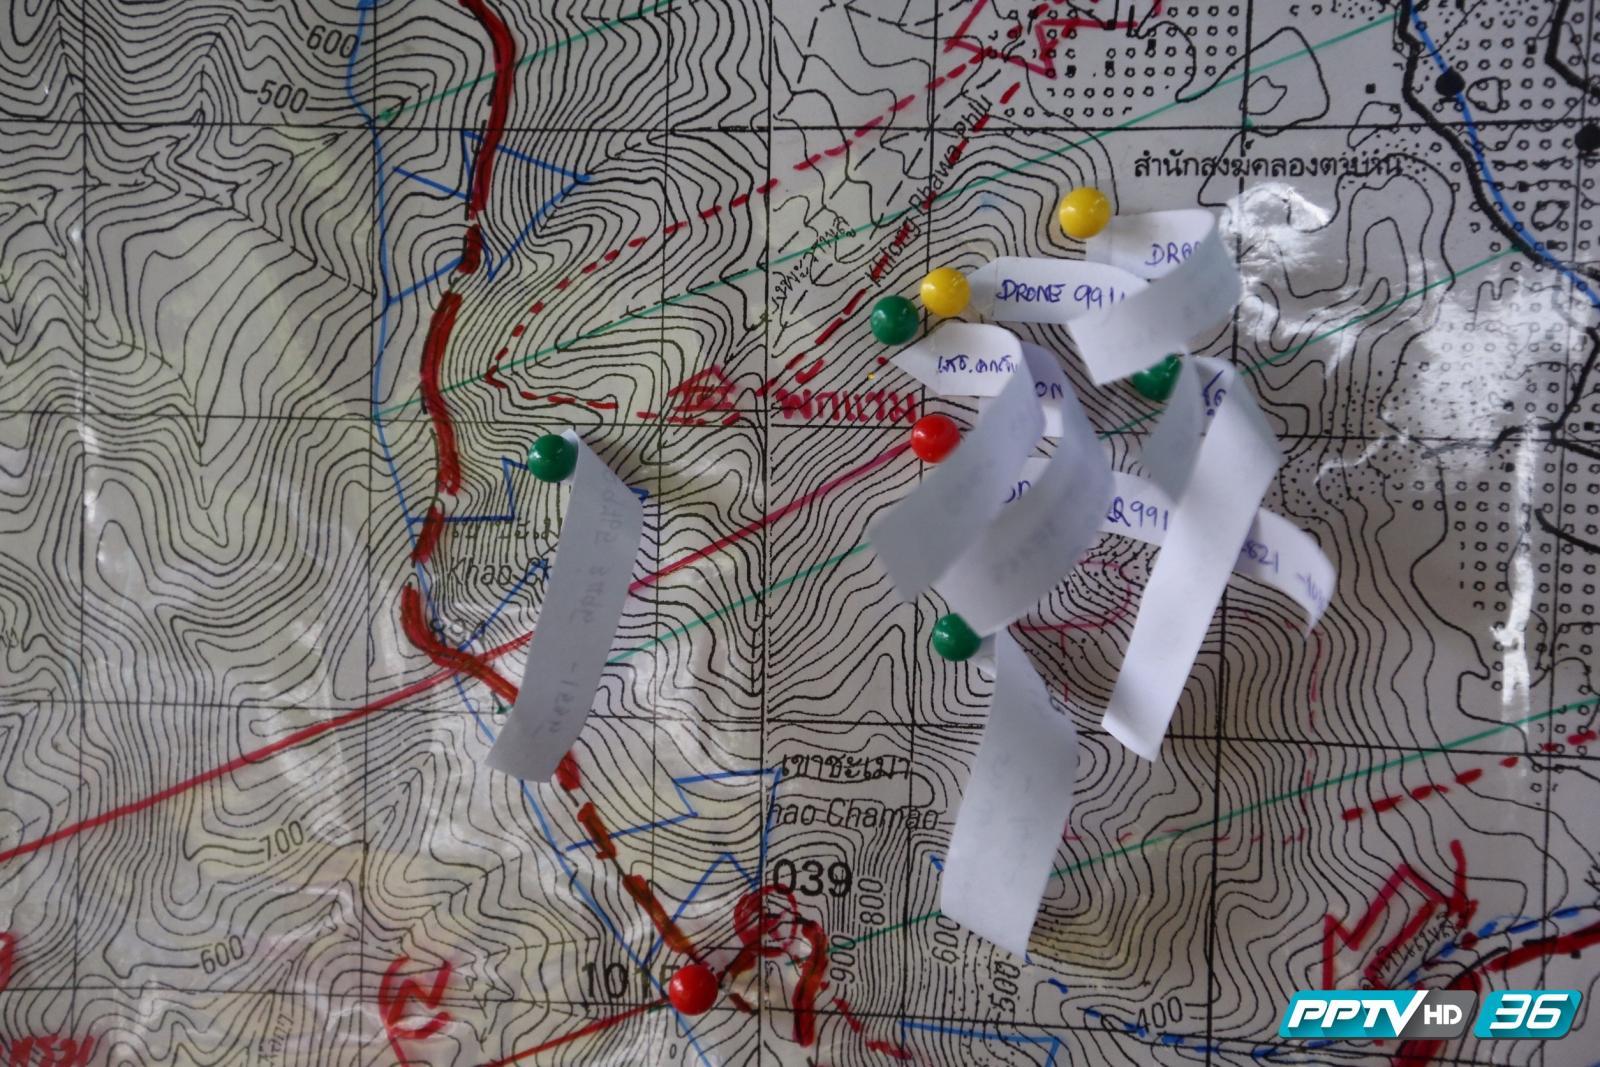 ปฏิบัติการค้นหานักบิน-ฮ.สูญหายวันที่ 4